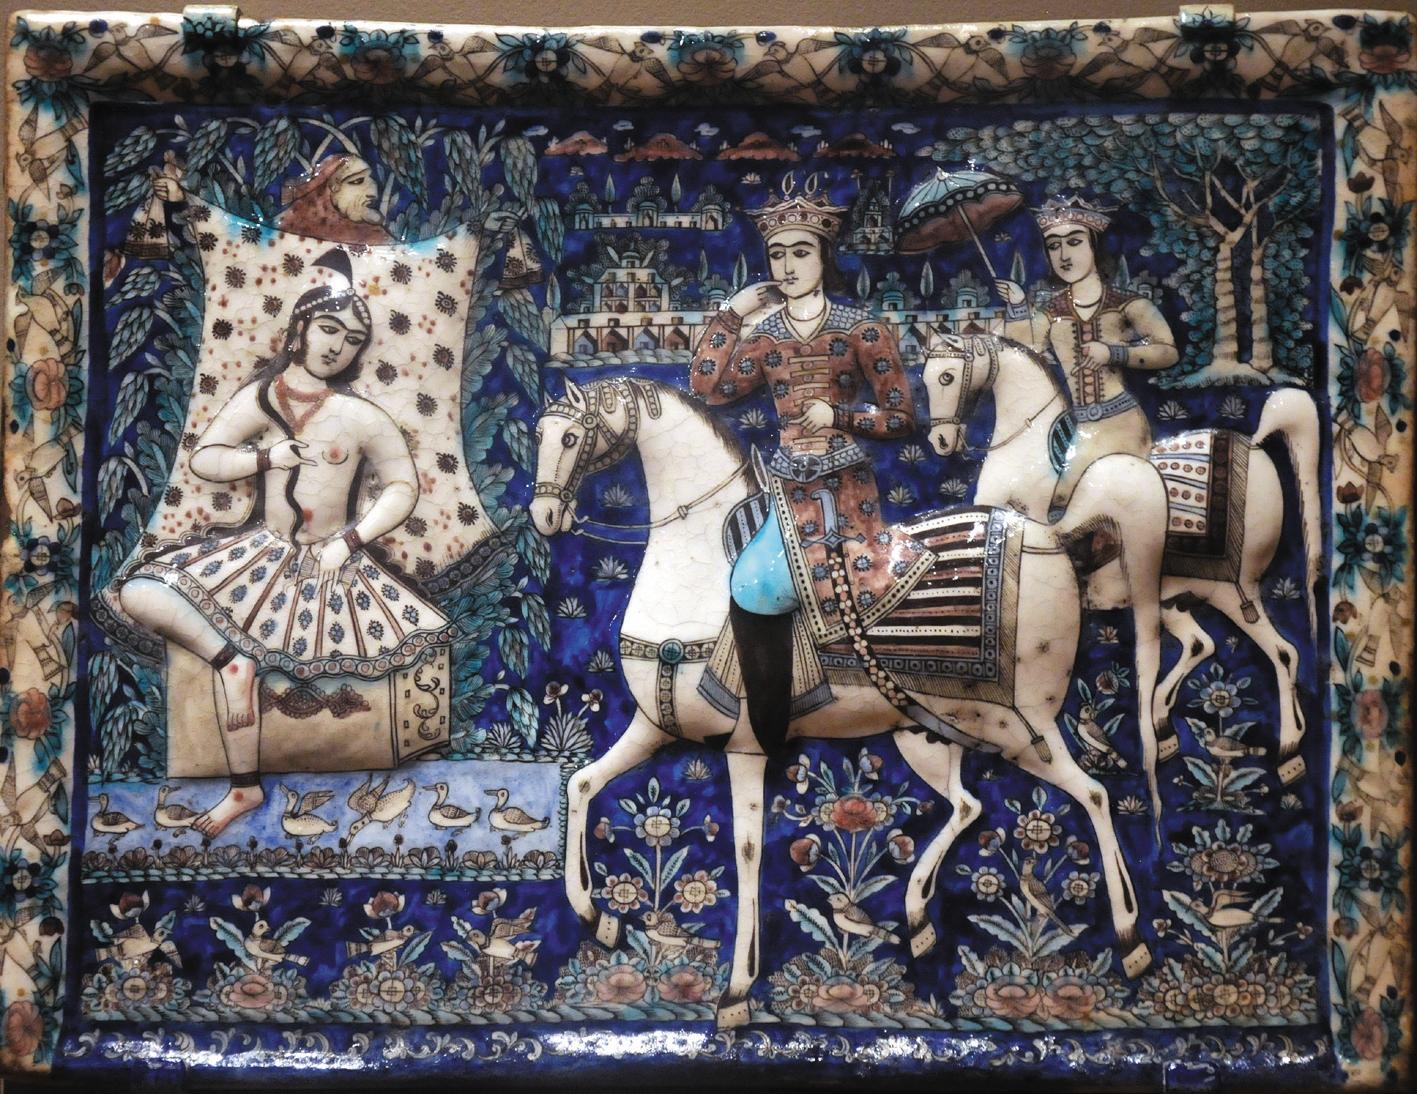 Lo terrenal y lo divino: arte islámico de los siglos VII al XIX